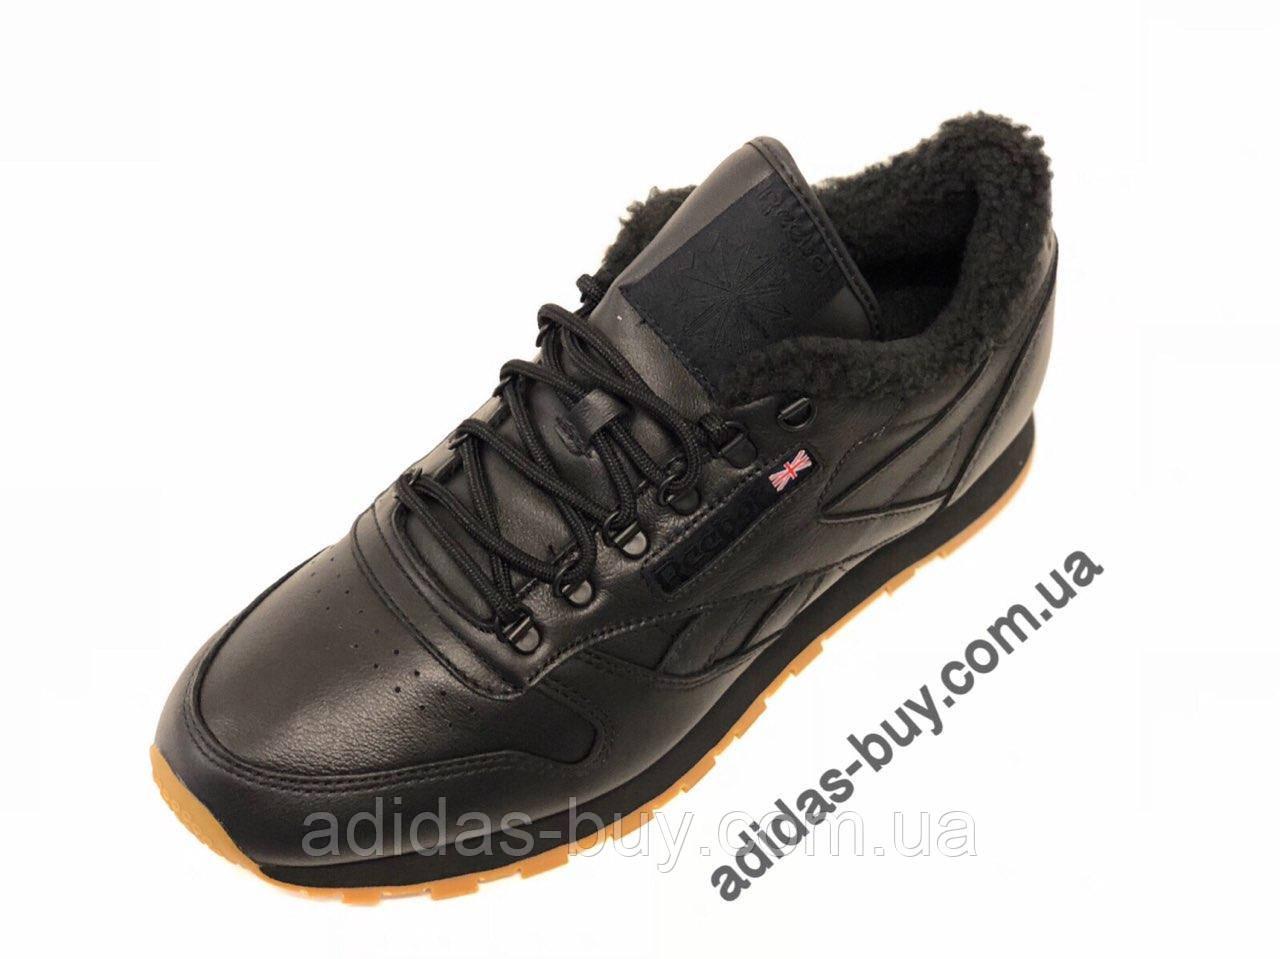 74d255cf8 Кожаные мужские кроссовки Reebok Leather Sherpa AR3505 оригинальные цвет:  чёрный